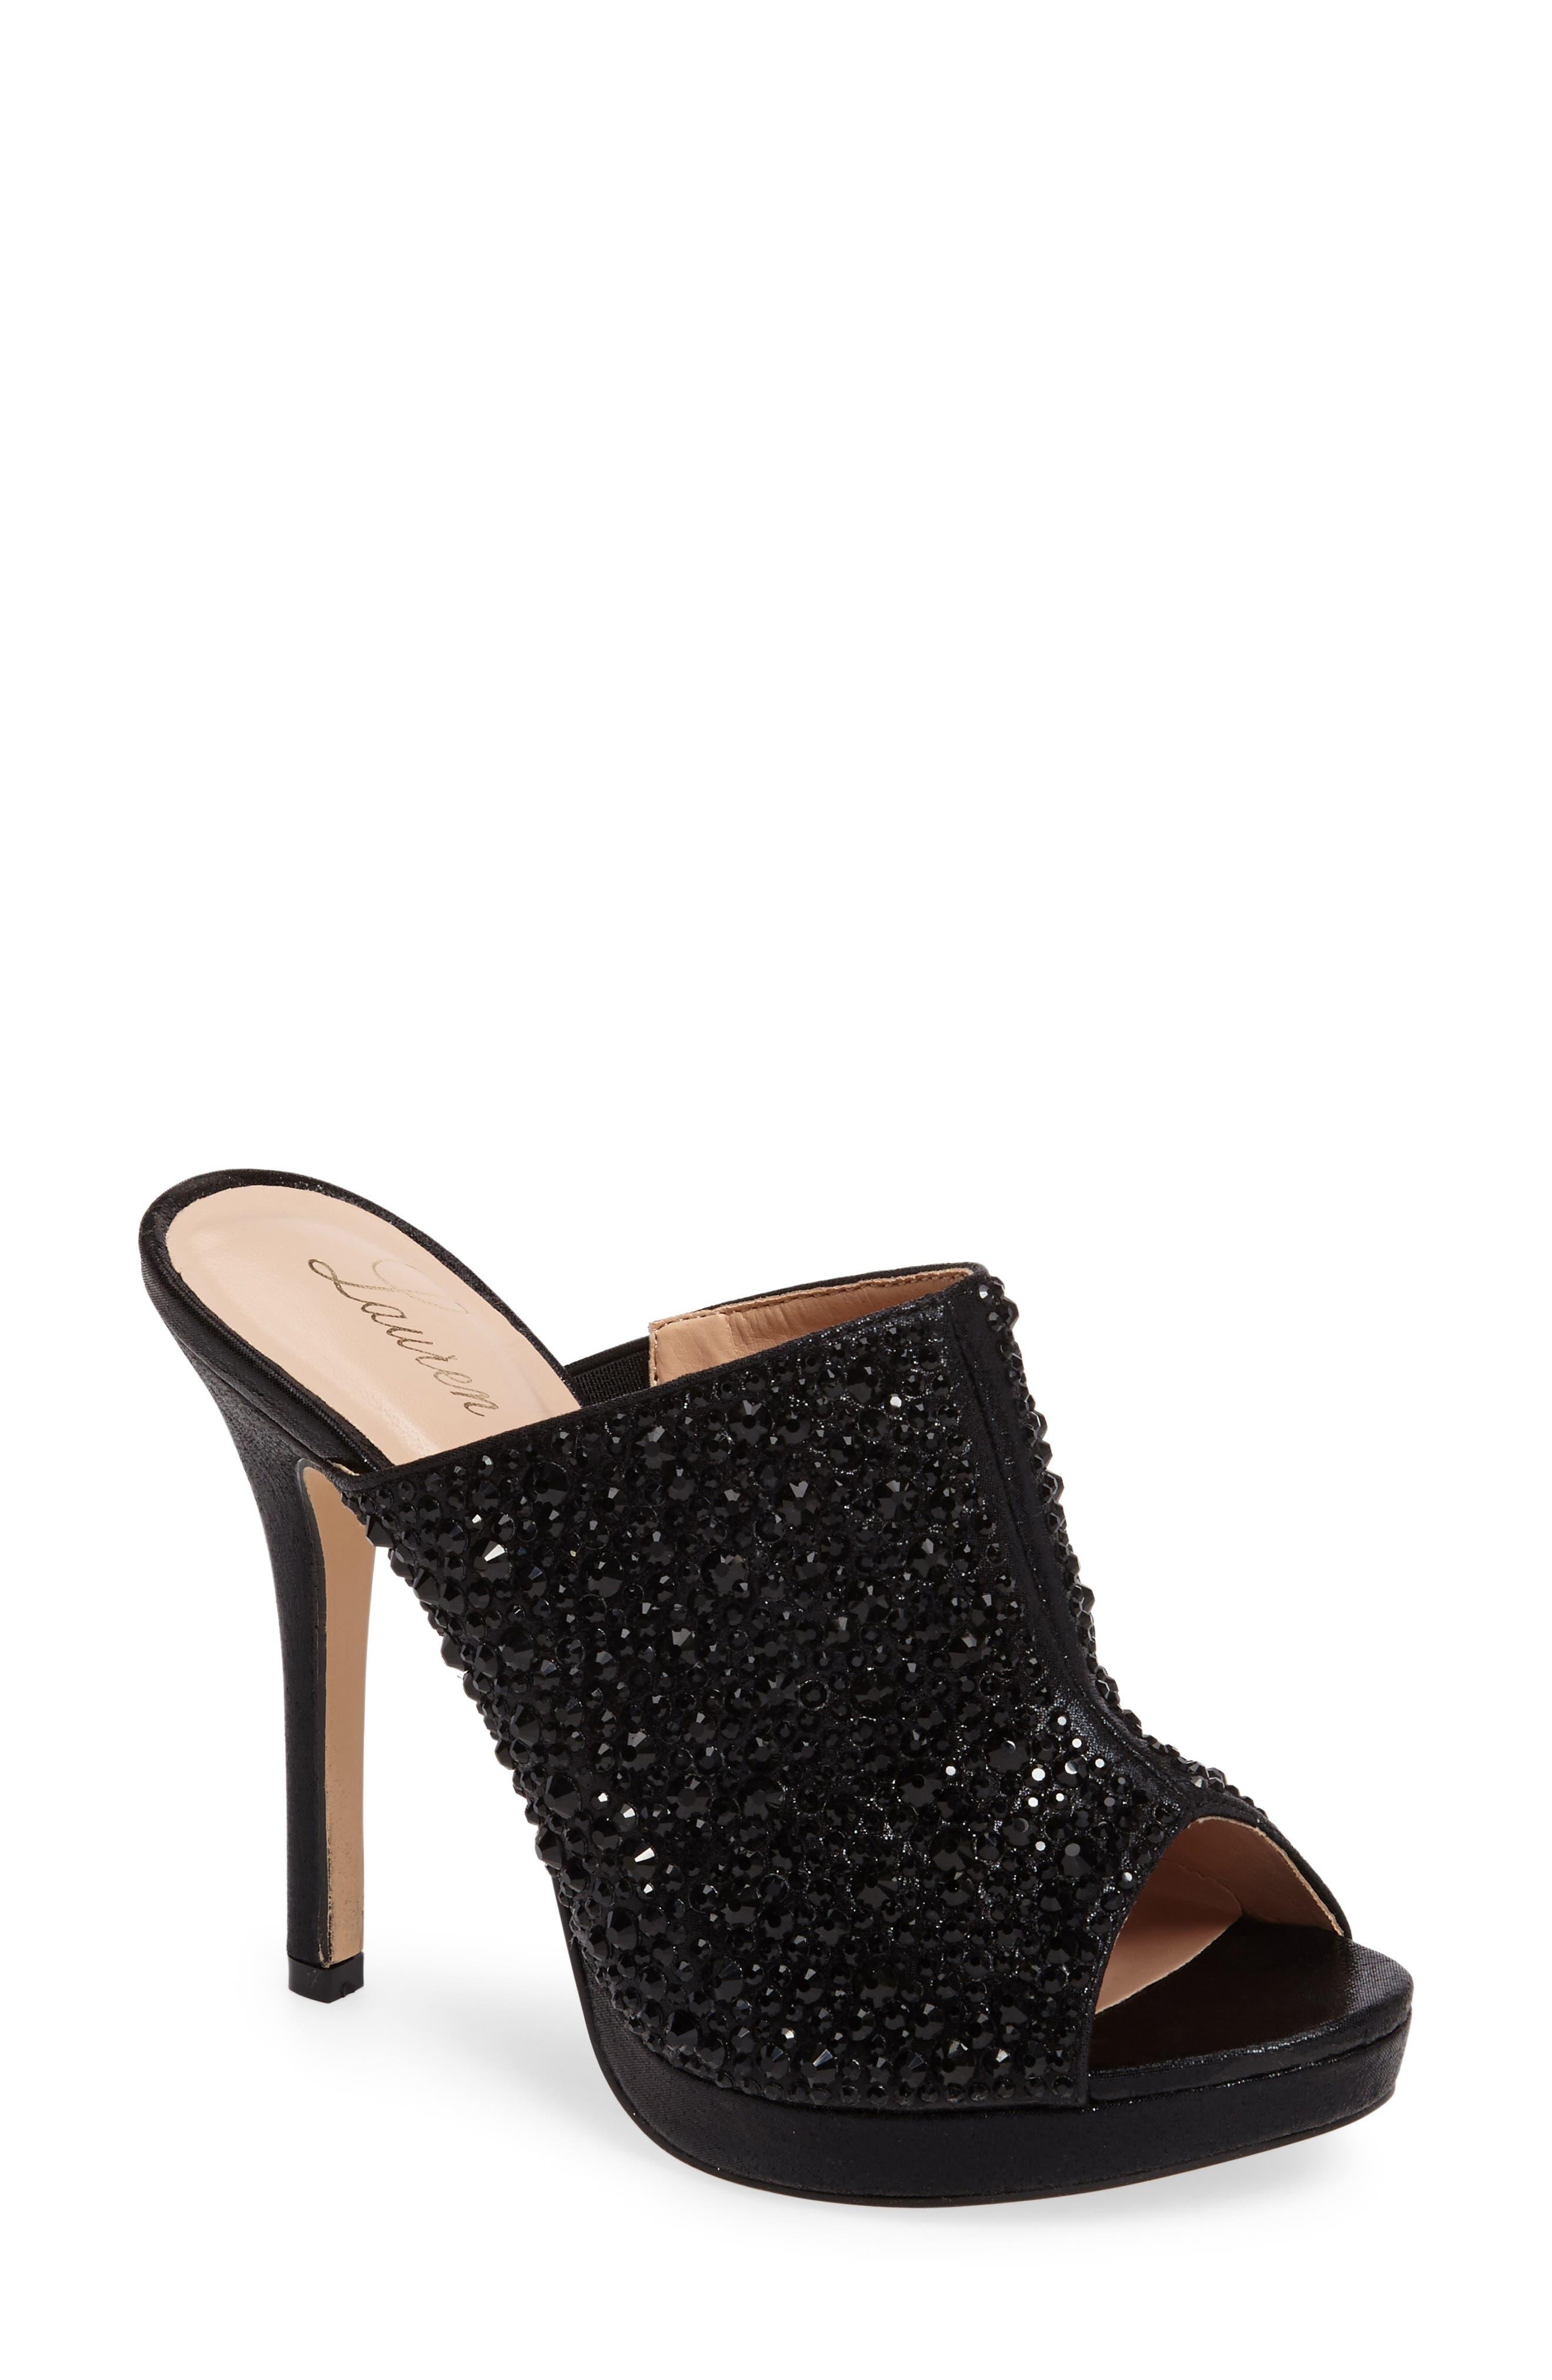 Mimi Embellished Slide Sandal,                         Main,                         color, 001